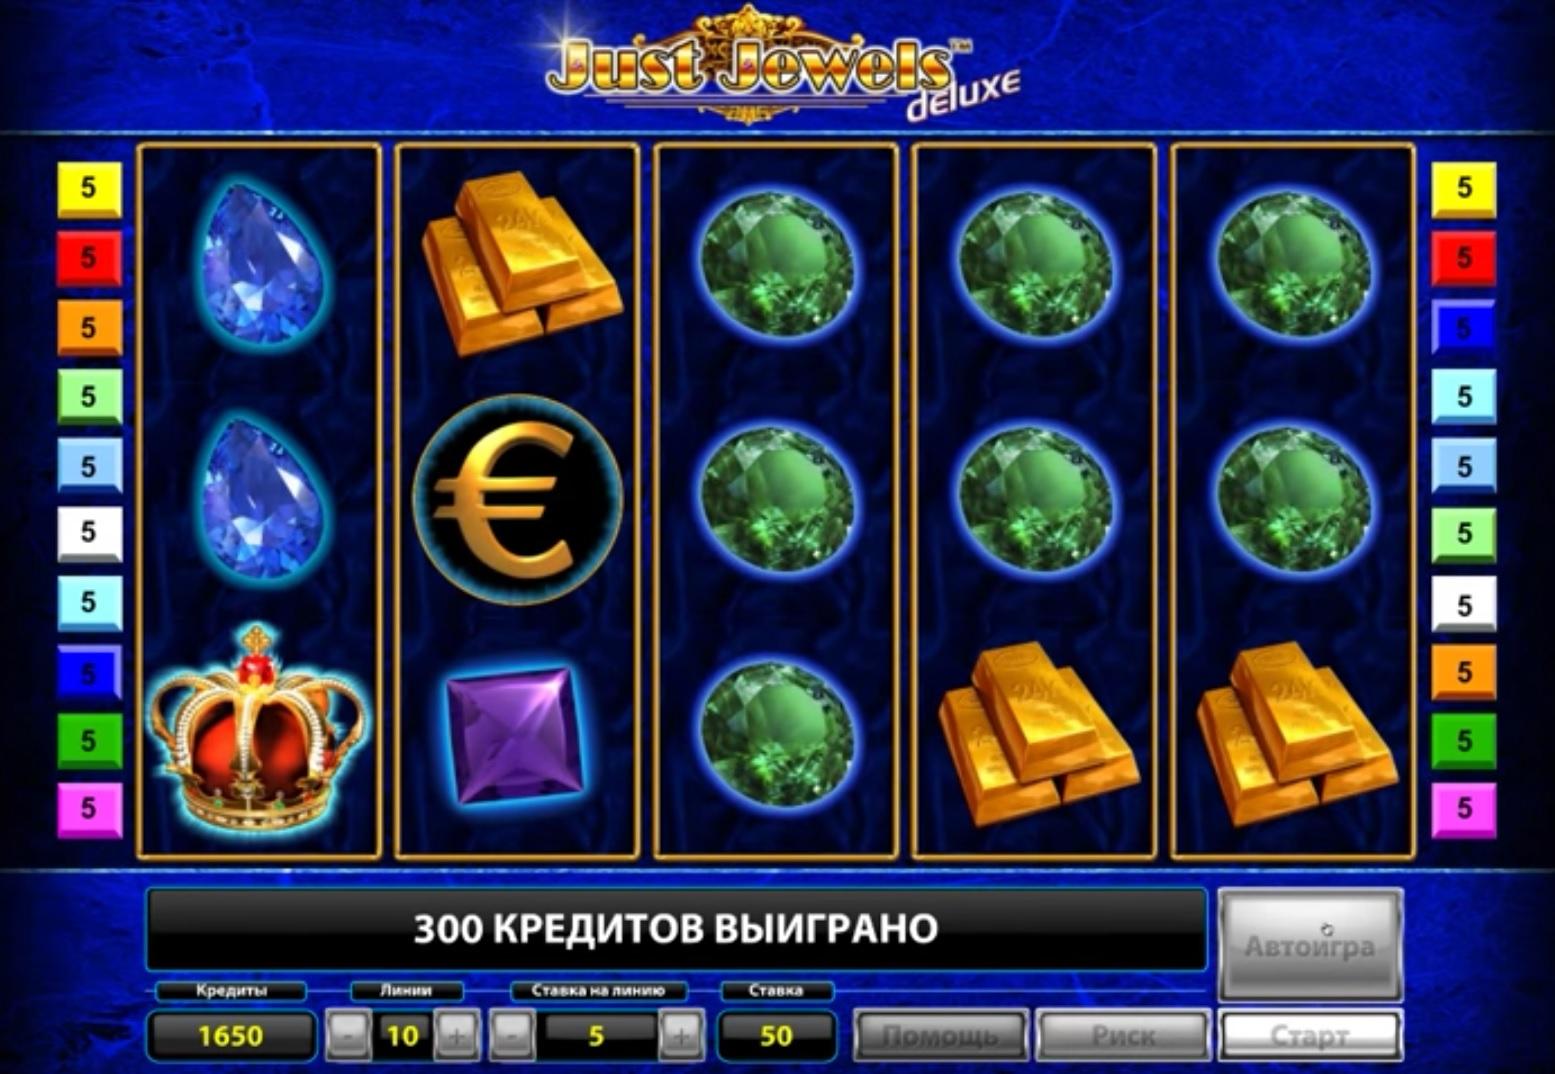 автоматы онлайн украина